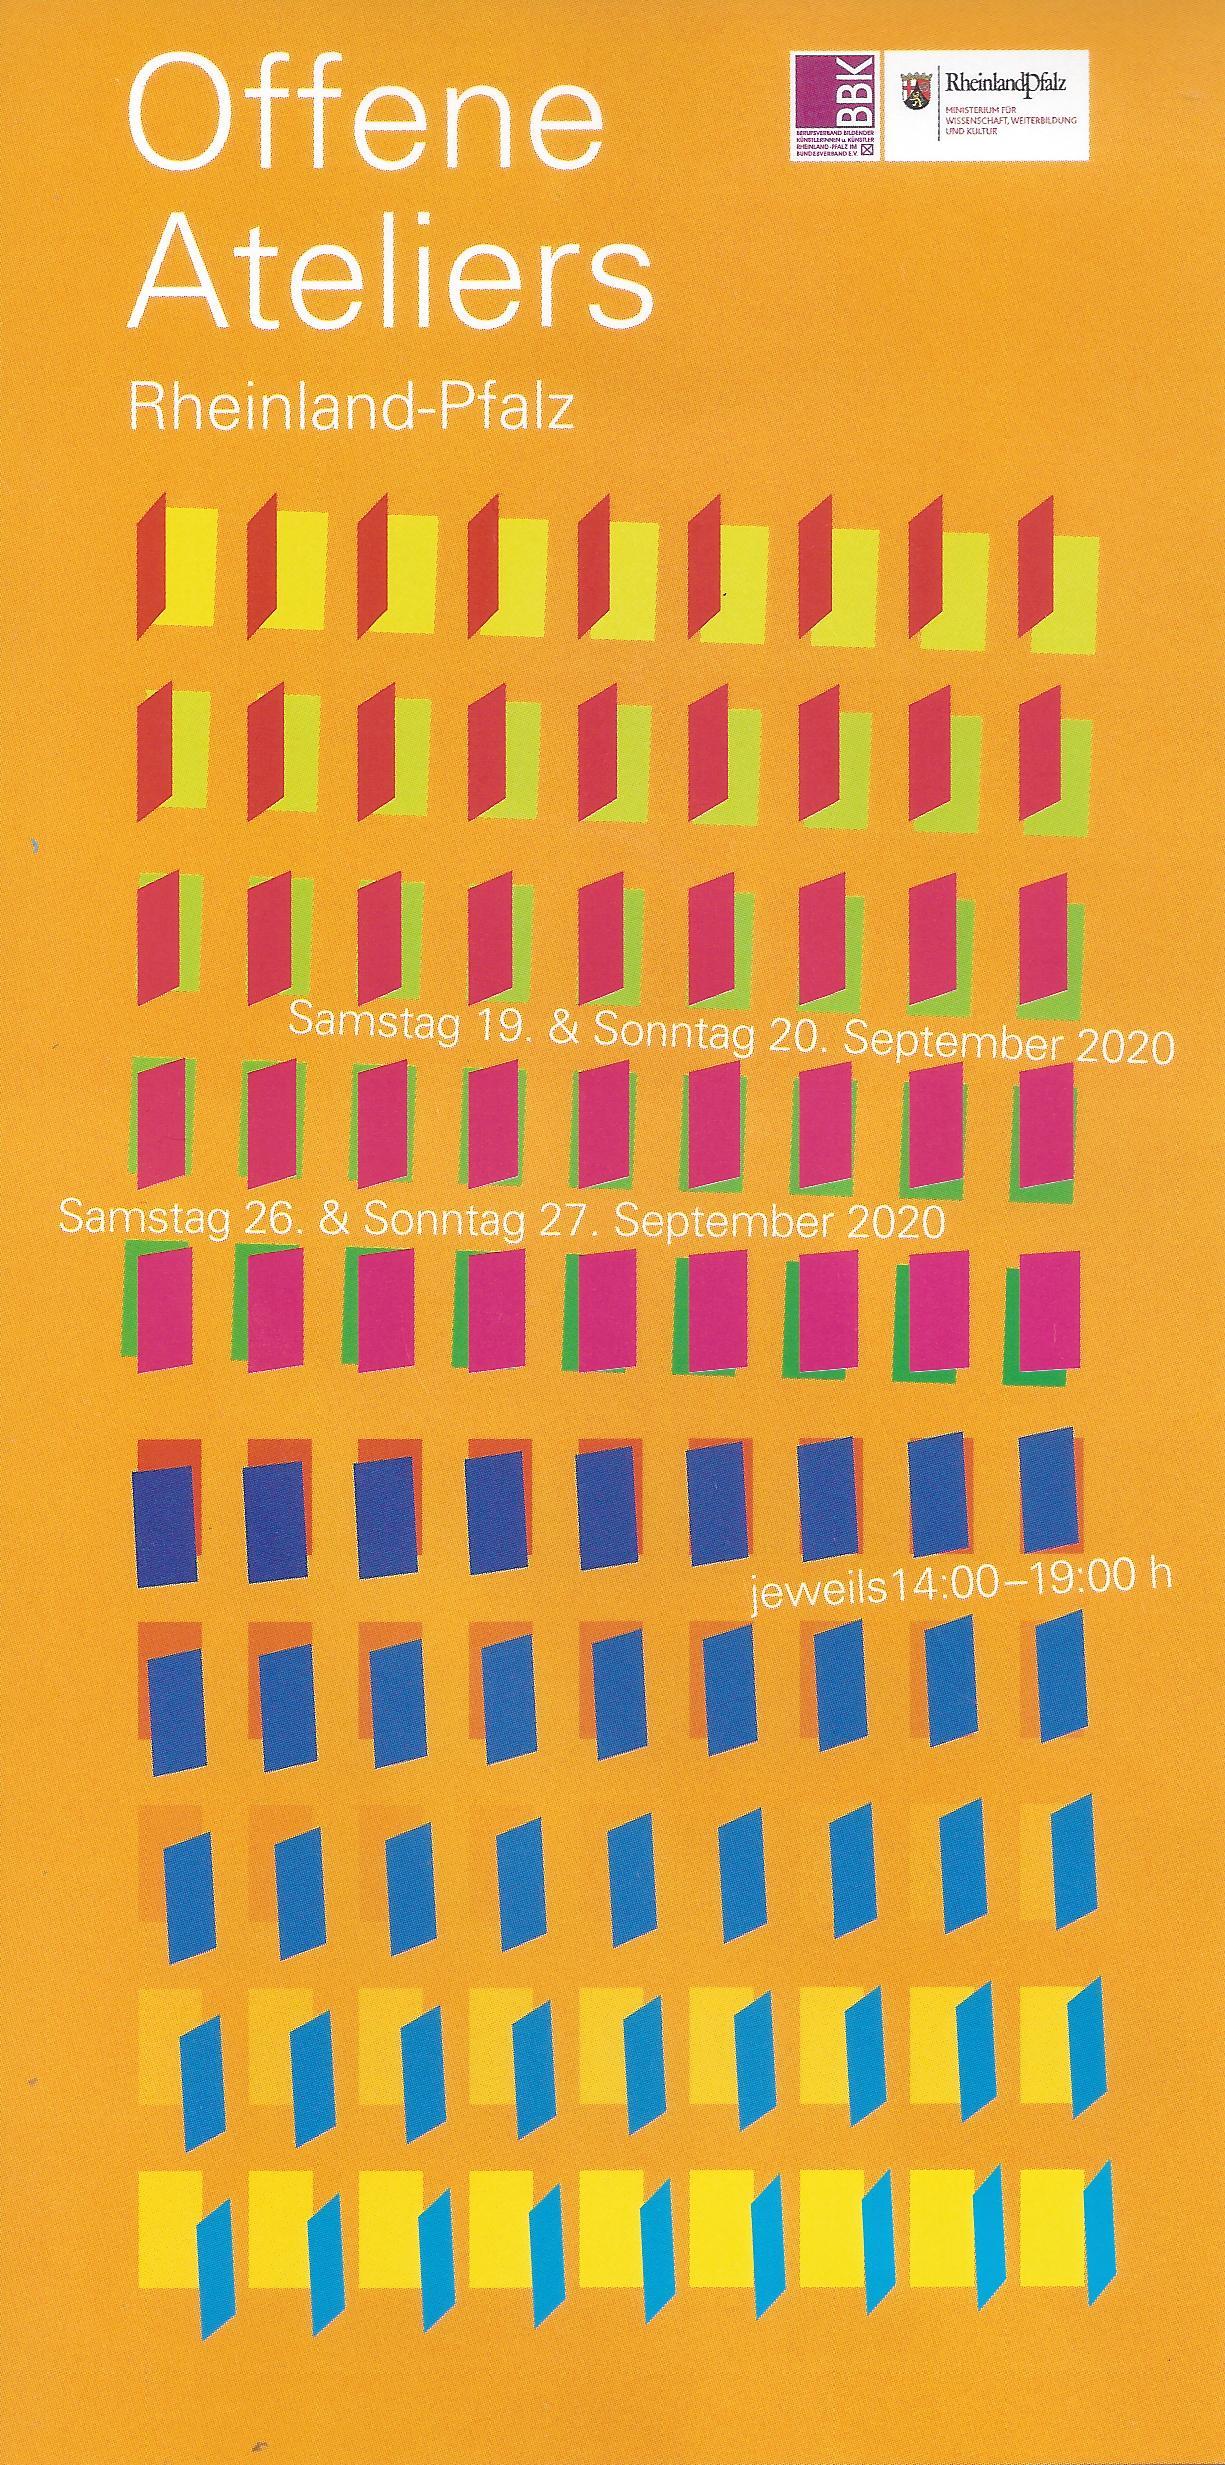 Flyer-Vorderseite zeigt viele unterschiedlich bunte grafisch dargestellte offene Türen auf orangem Hintergrund.